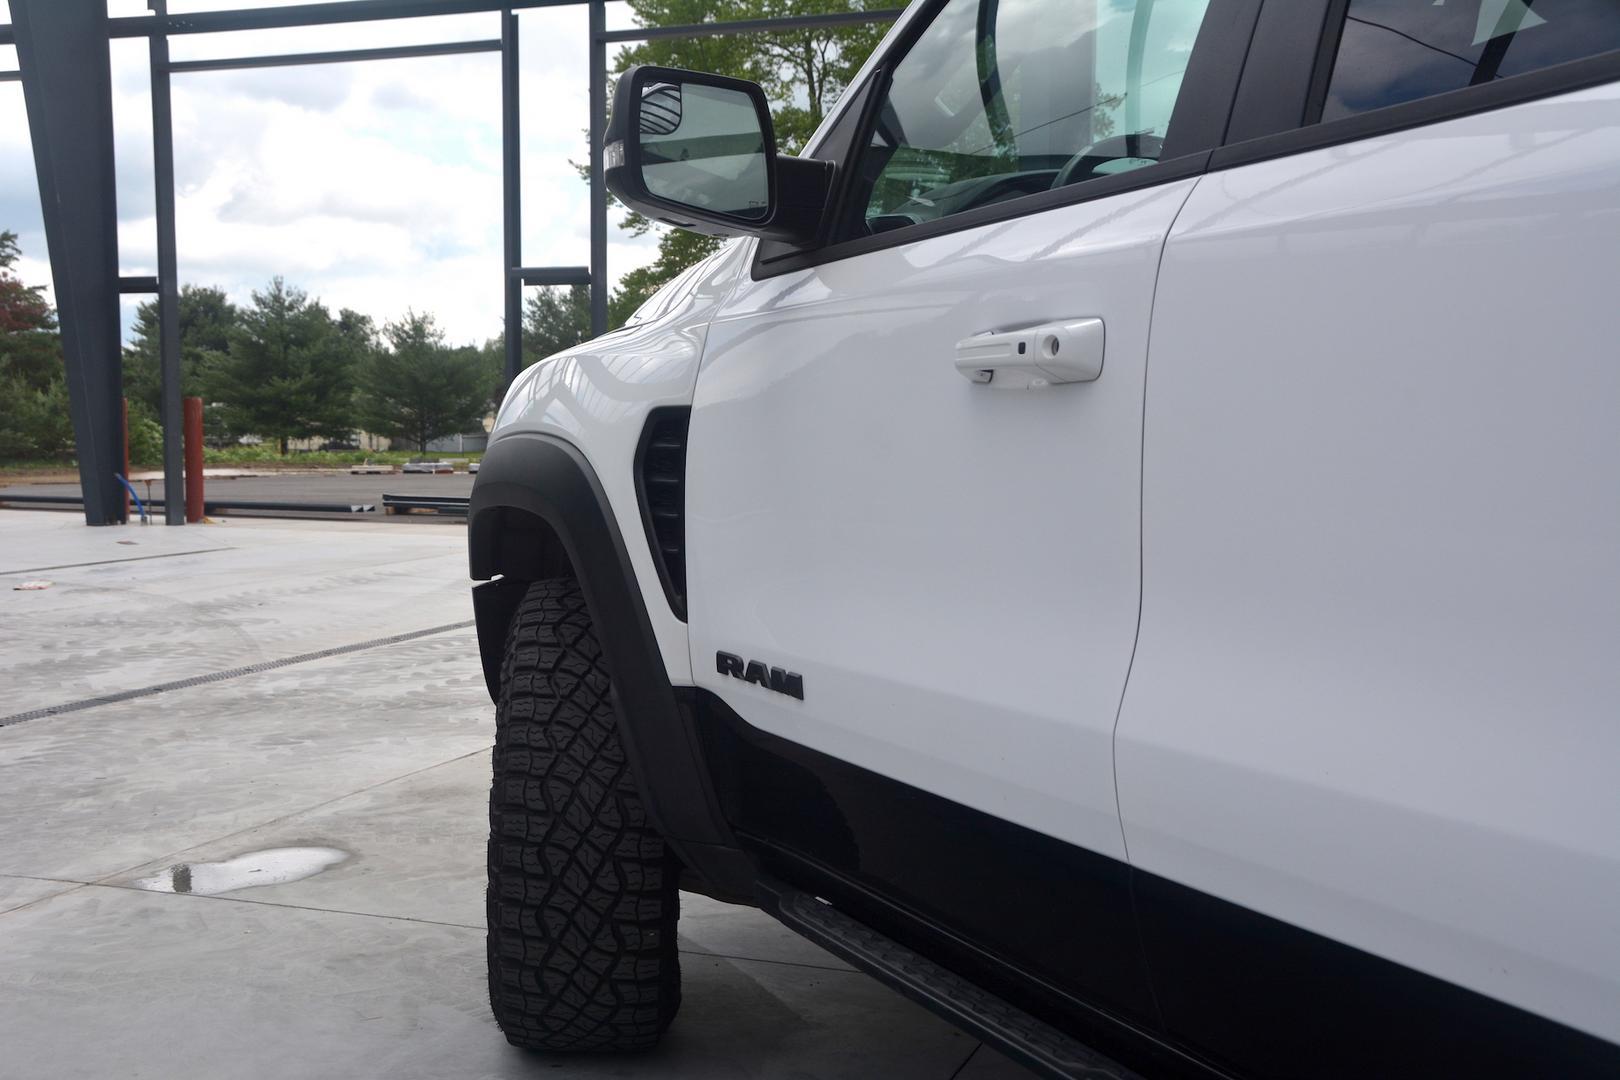 2021 Ram 1500 TRX doors